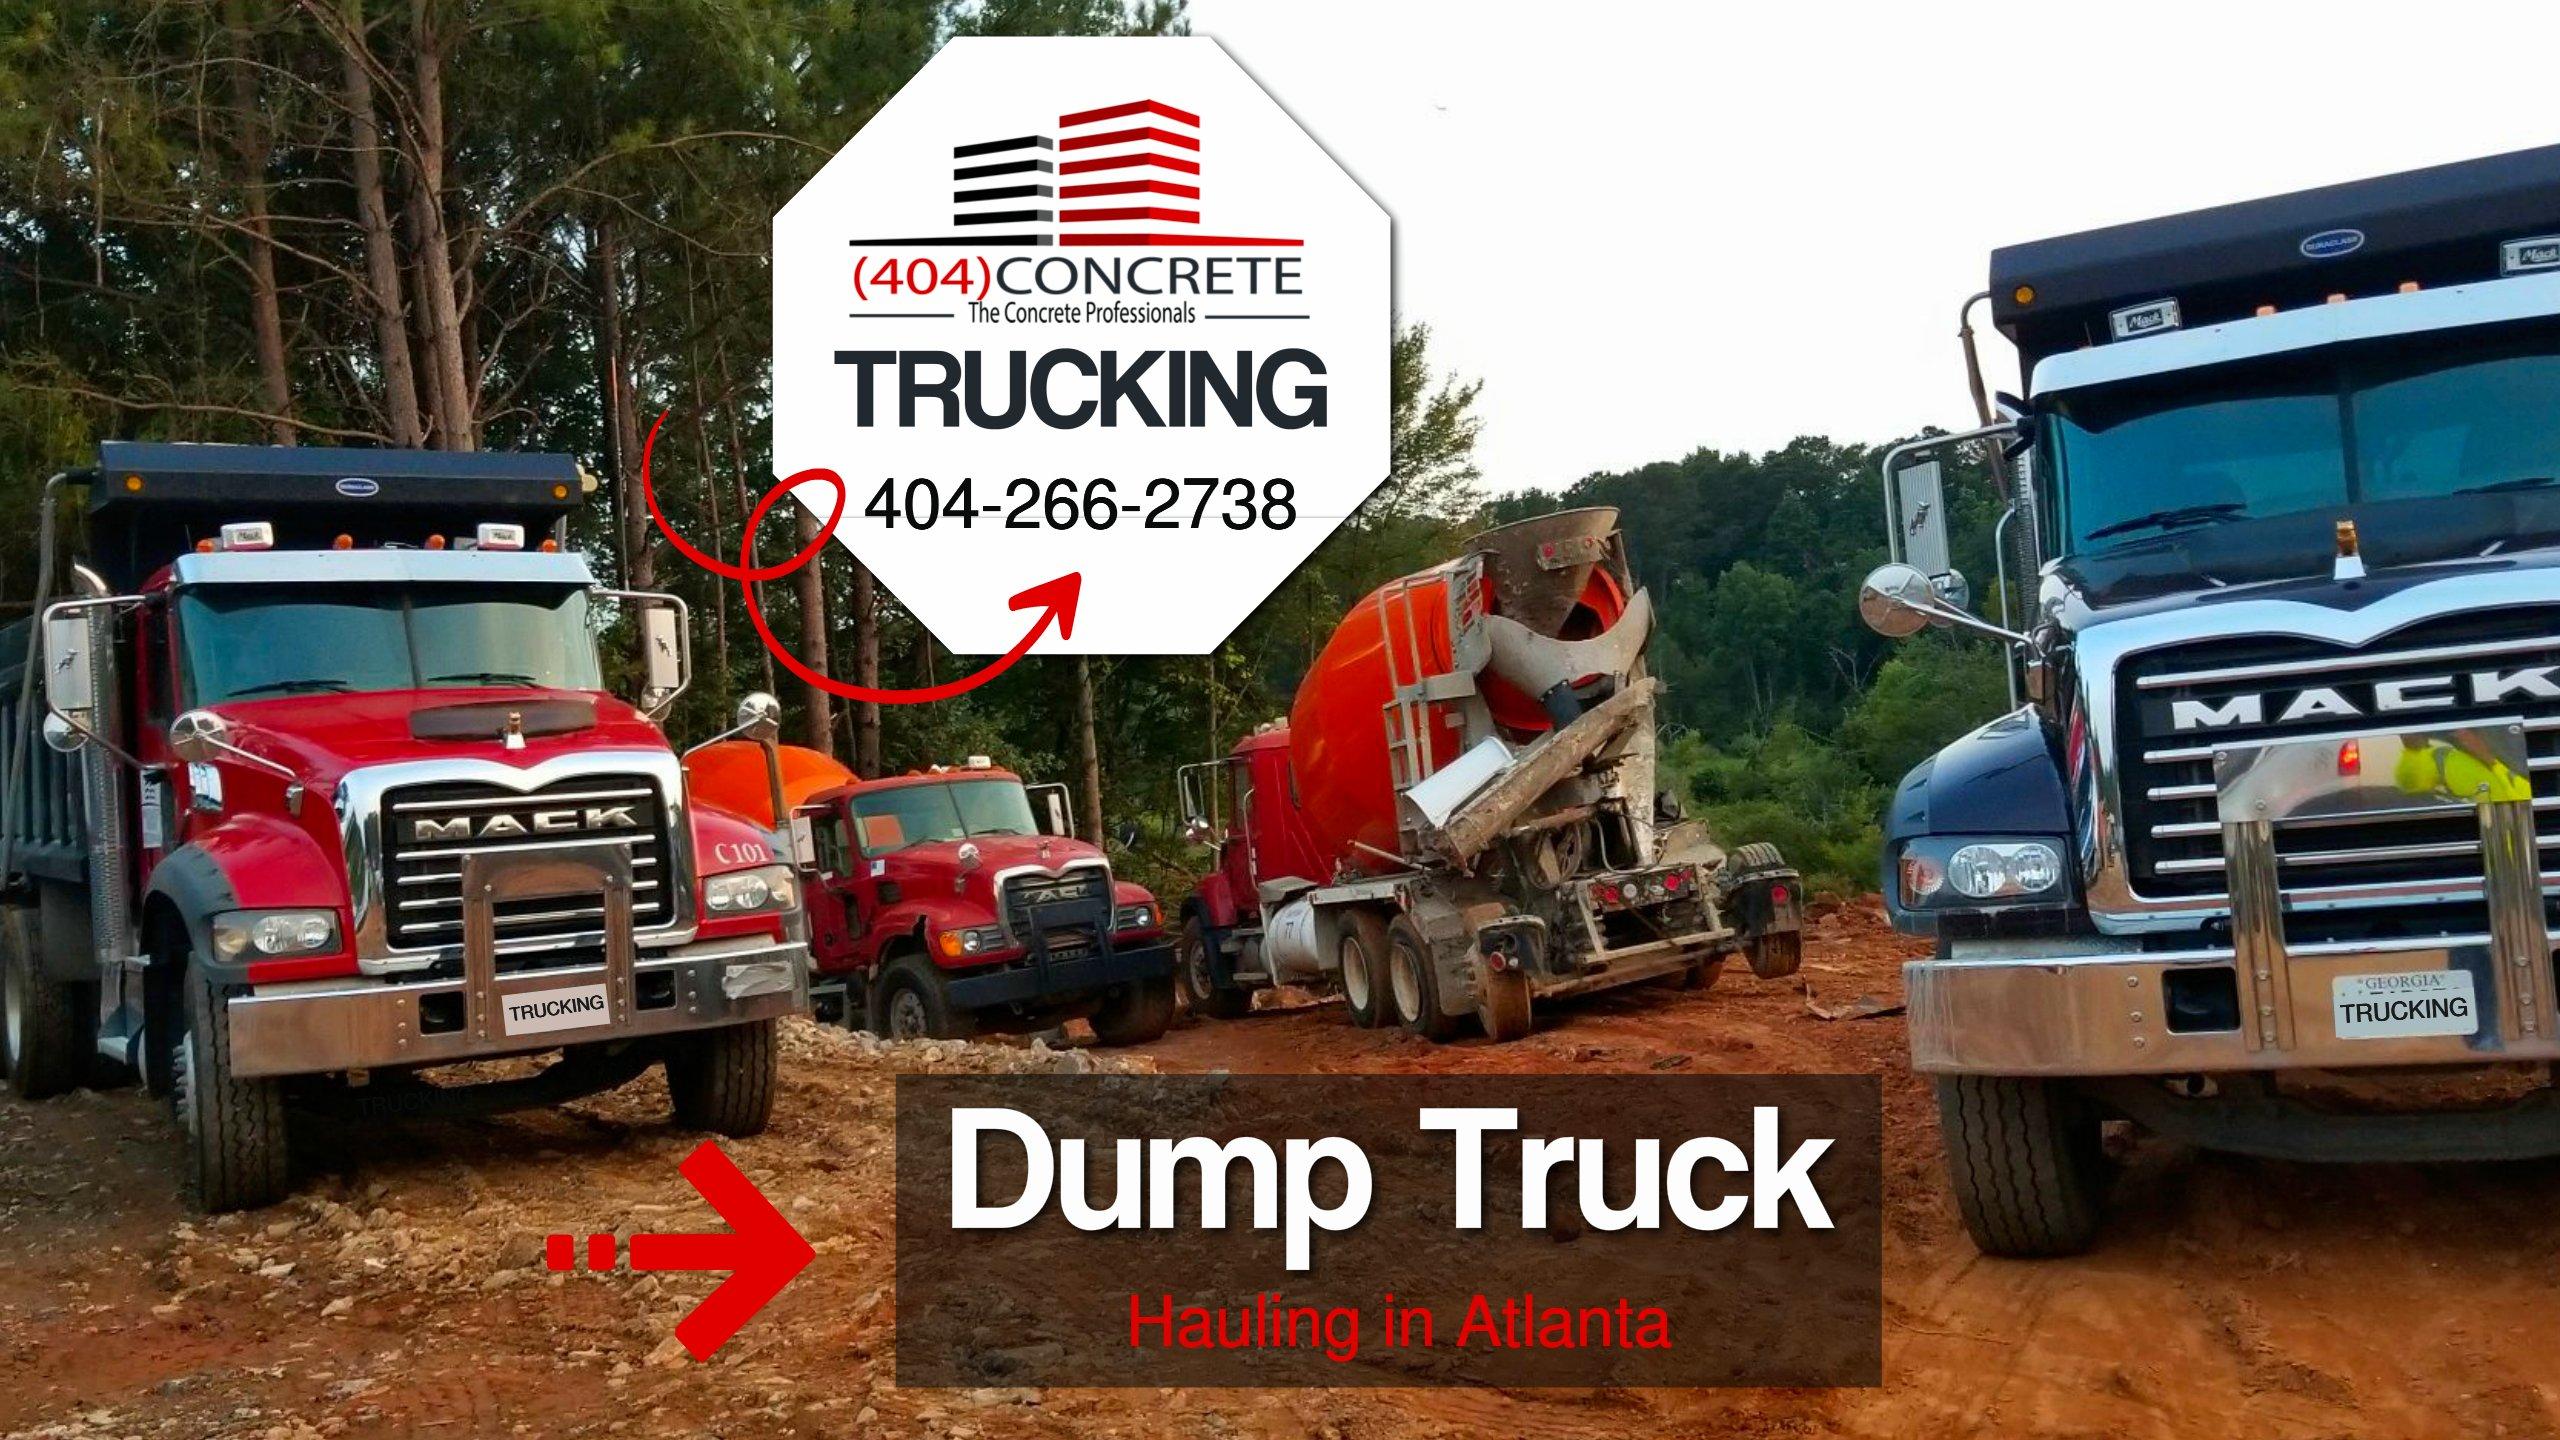 dump-truck-hauling-atlanta-dekalb-georgia